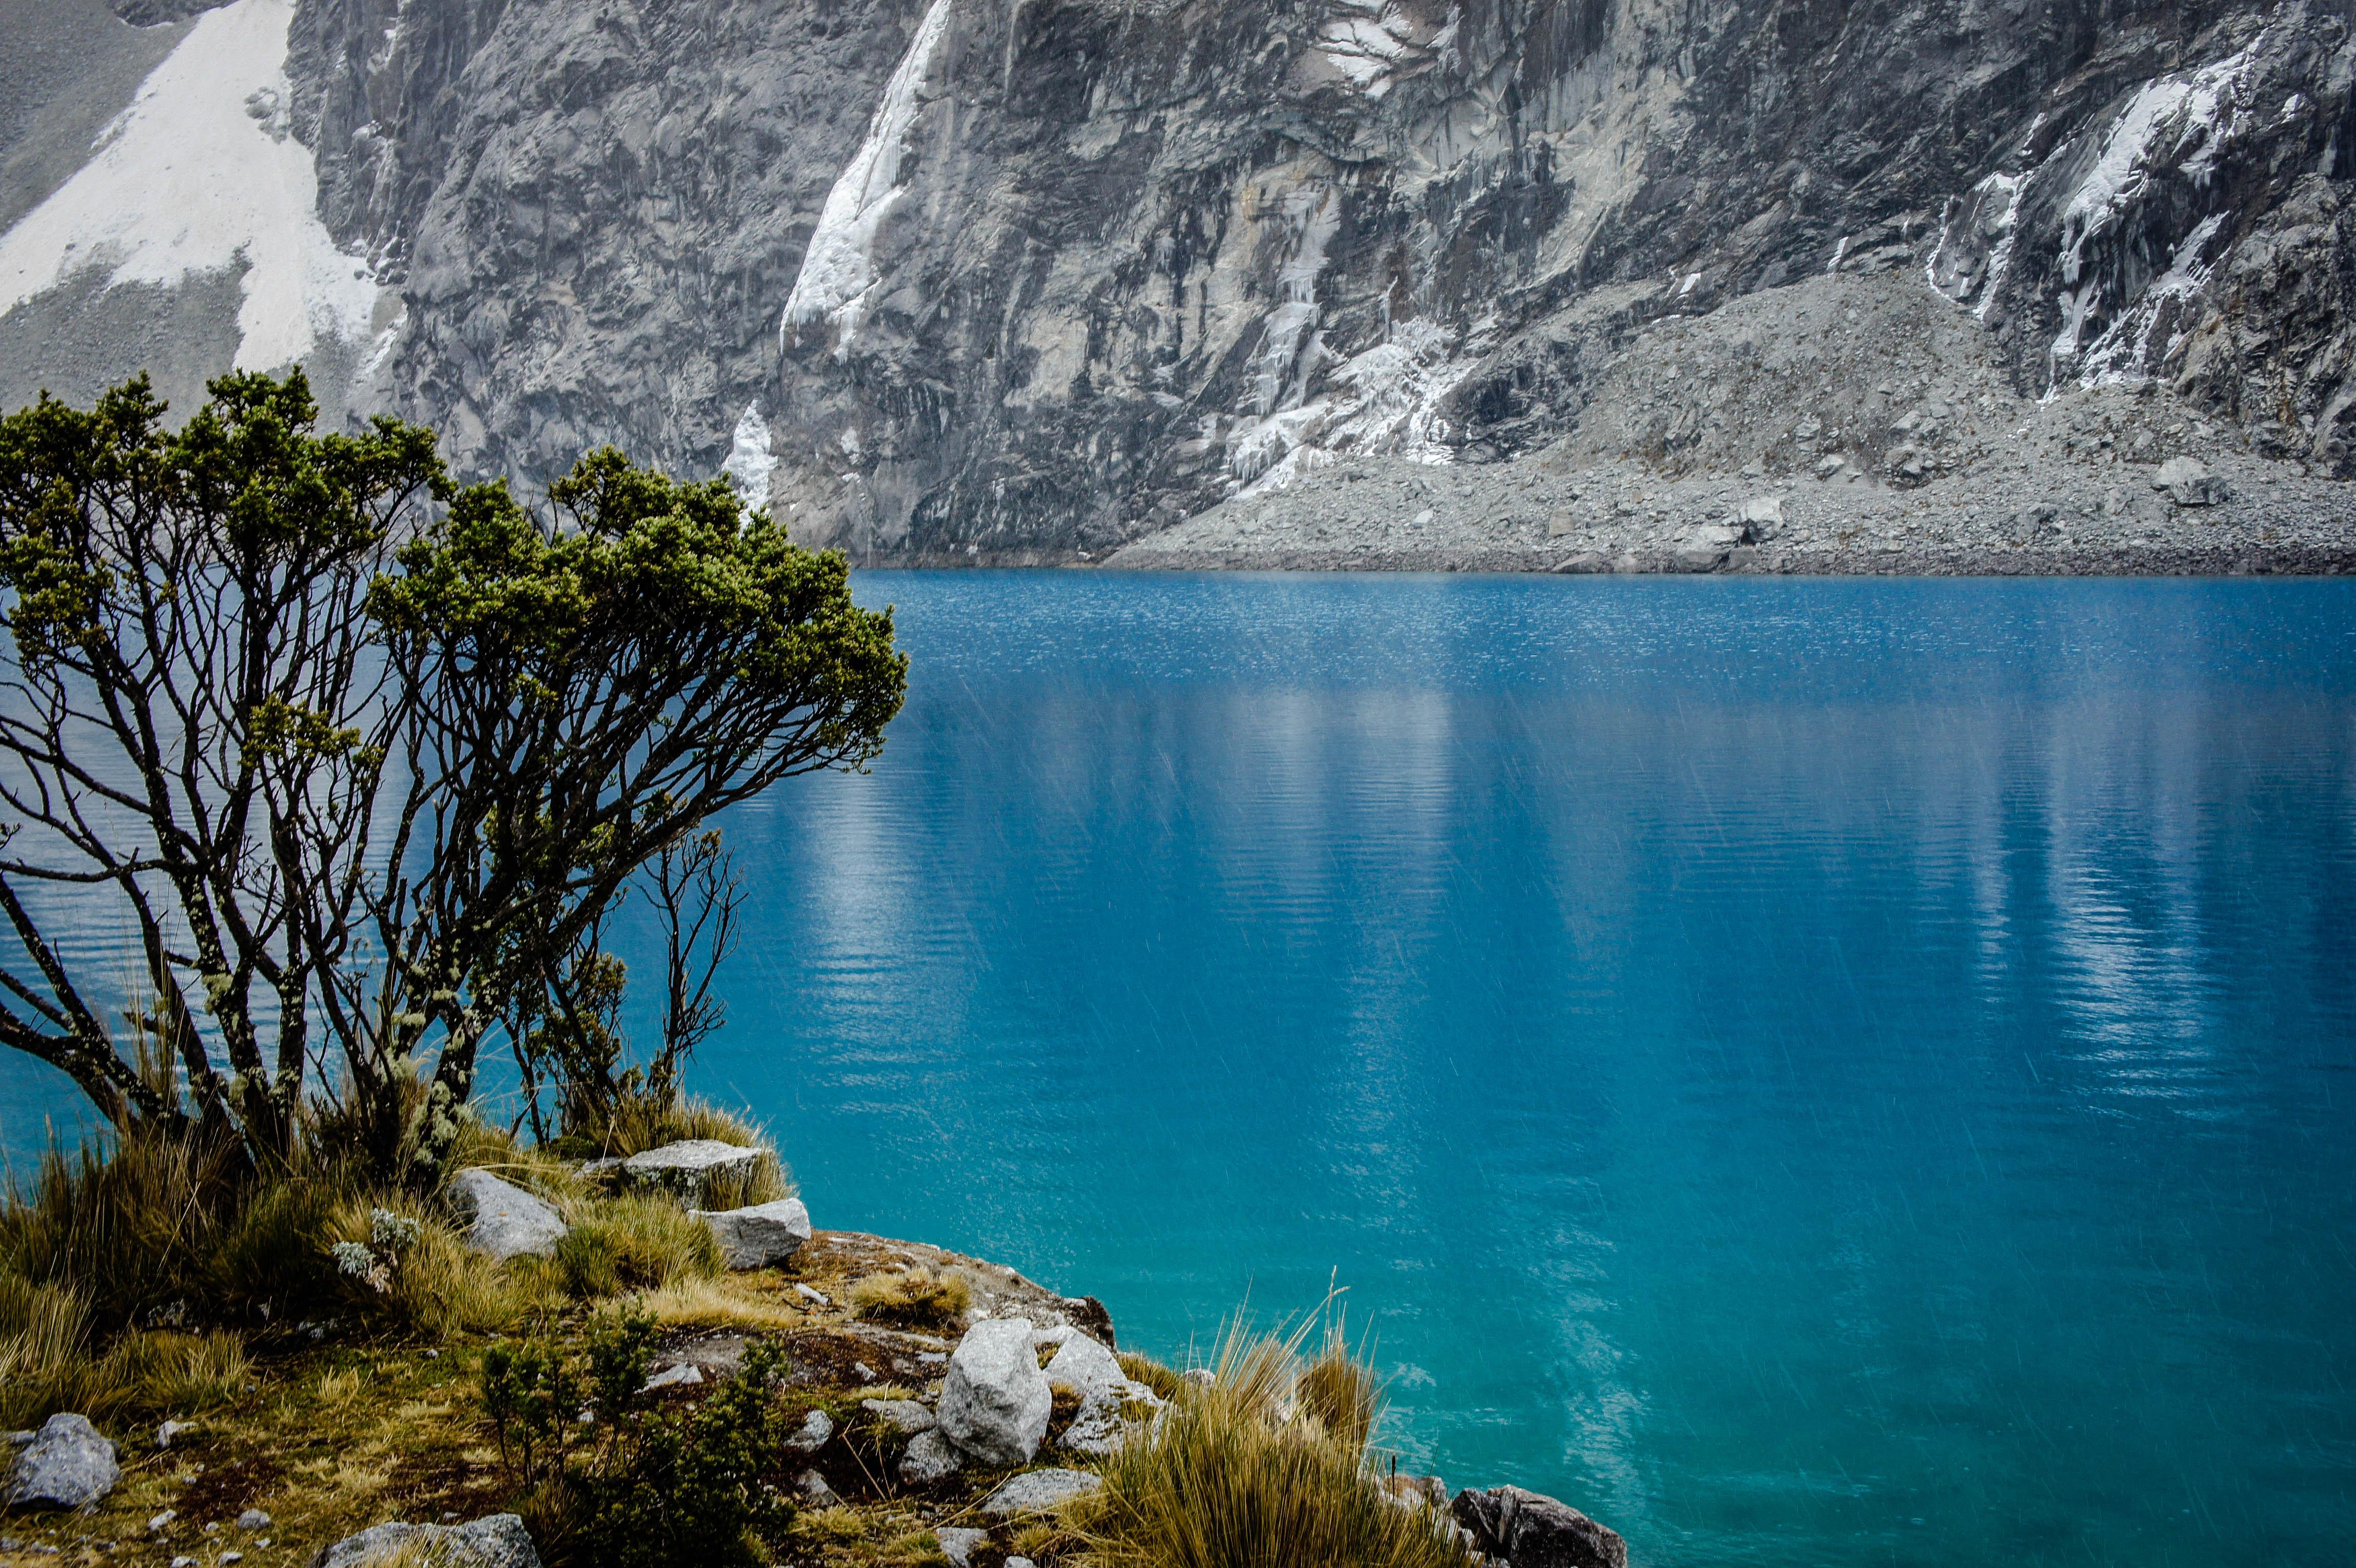 Archivo:Laguna 69, Yungay - Huaraz - Perú.jpg